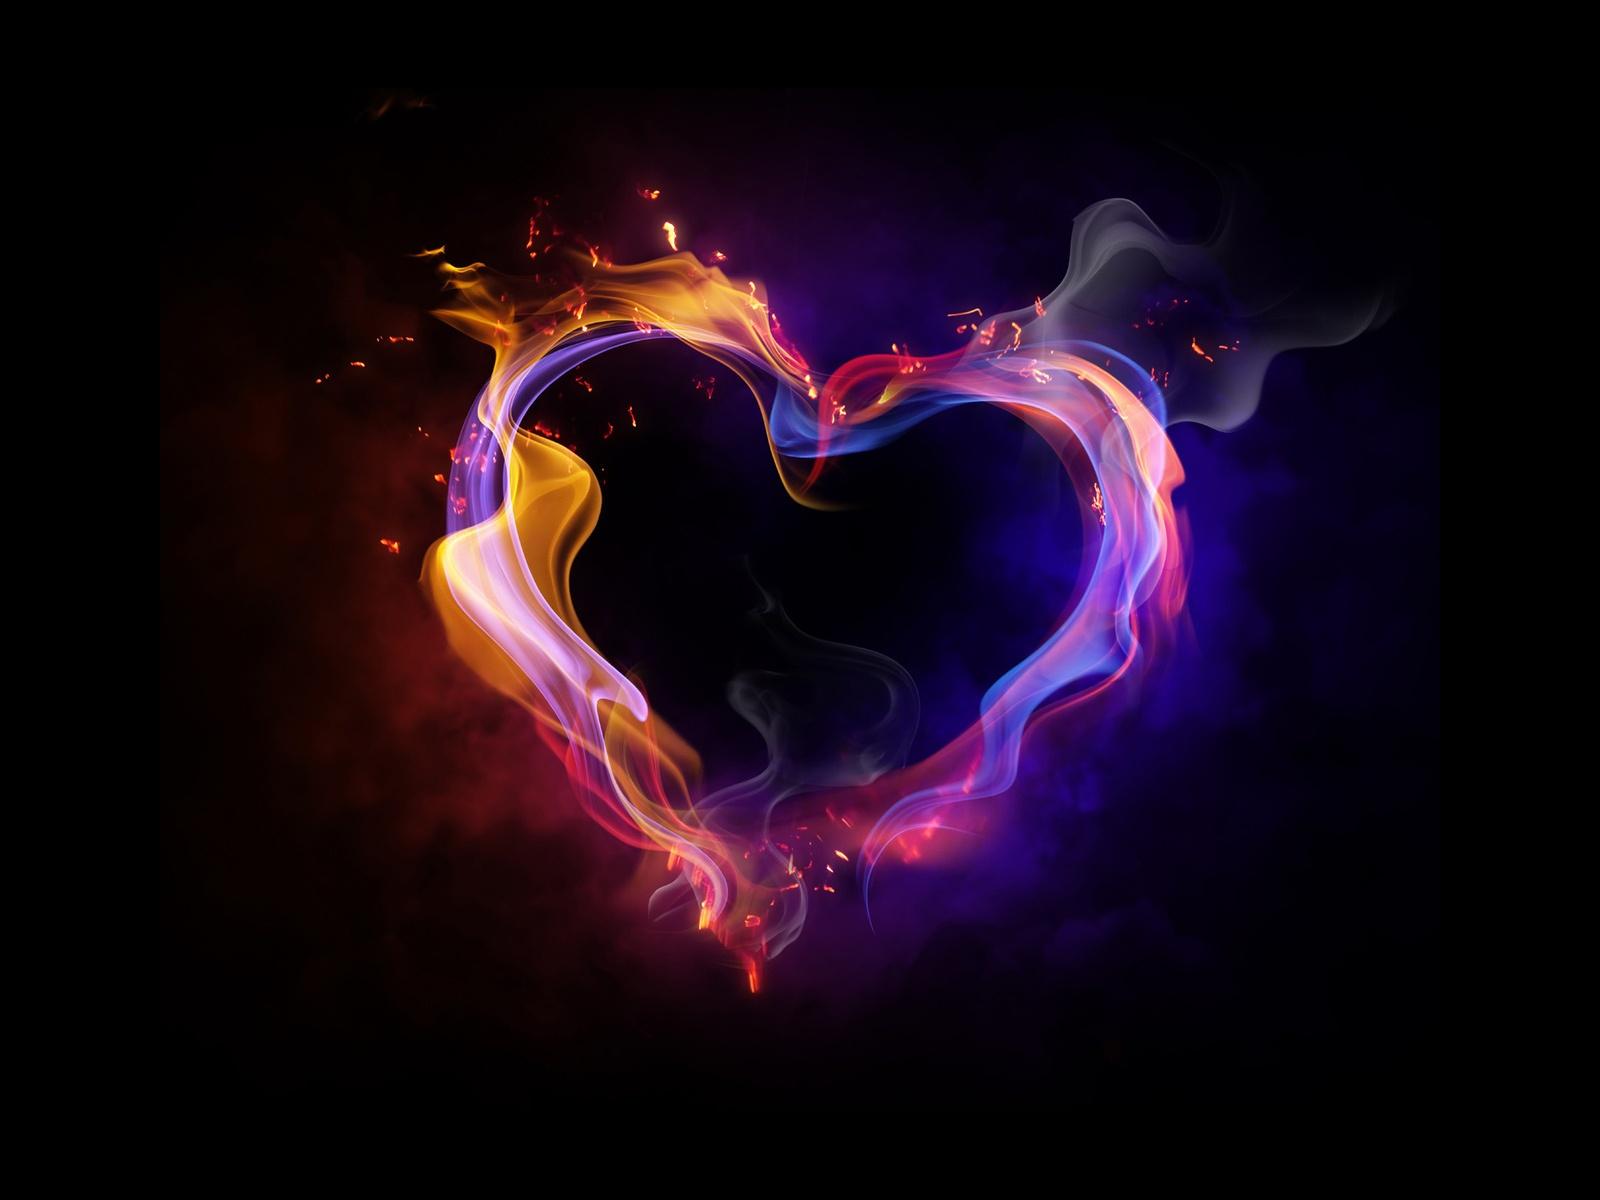 Sfondo Cuore Infuocato Amore Sfondi Hd Gratis